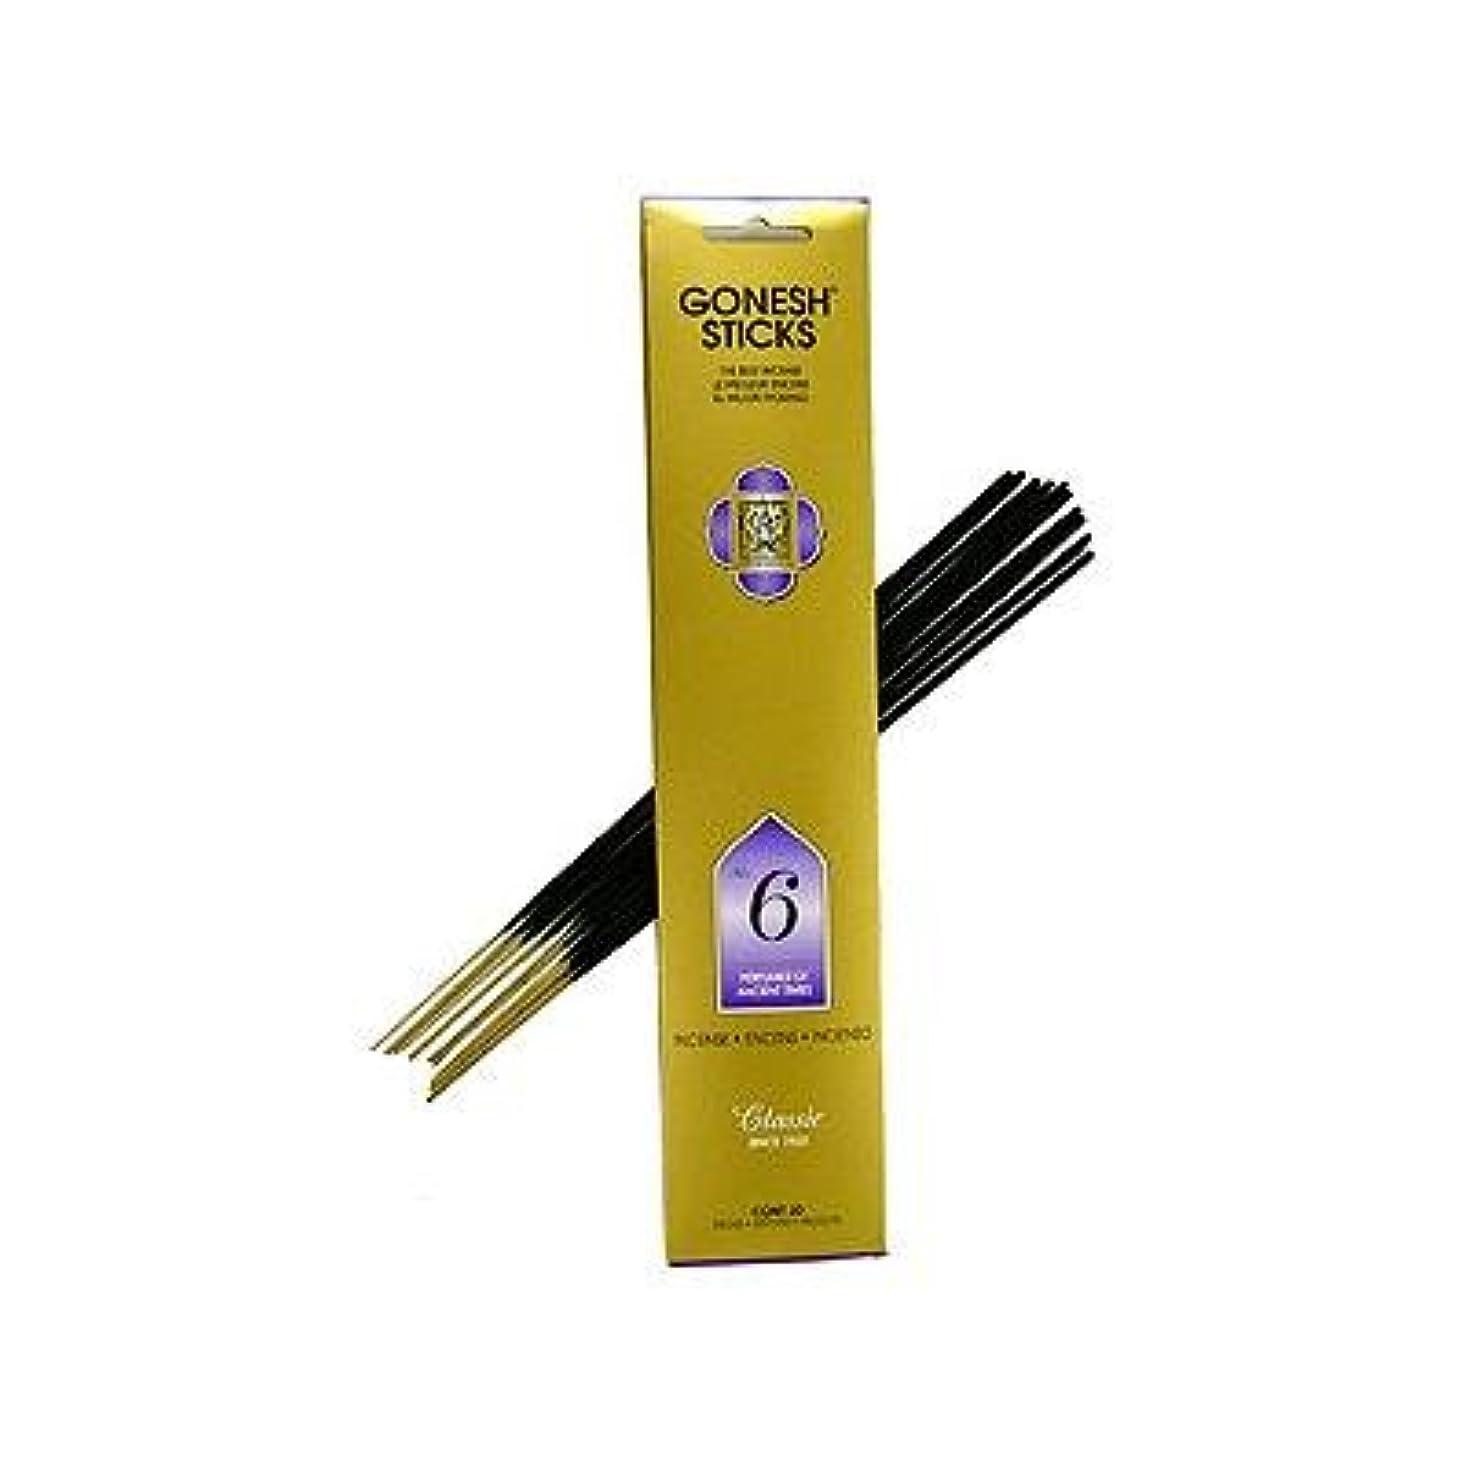 苦しみ時々なるGonesh ~ No. 6 (Perfumes of Ancient Times) ~ Incense Sticks ~ Pack of 4 by Gonesh [並行輸入品]